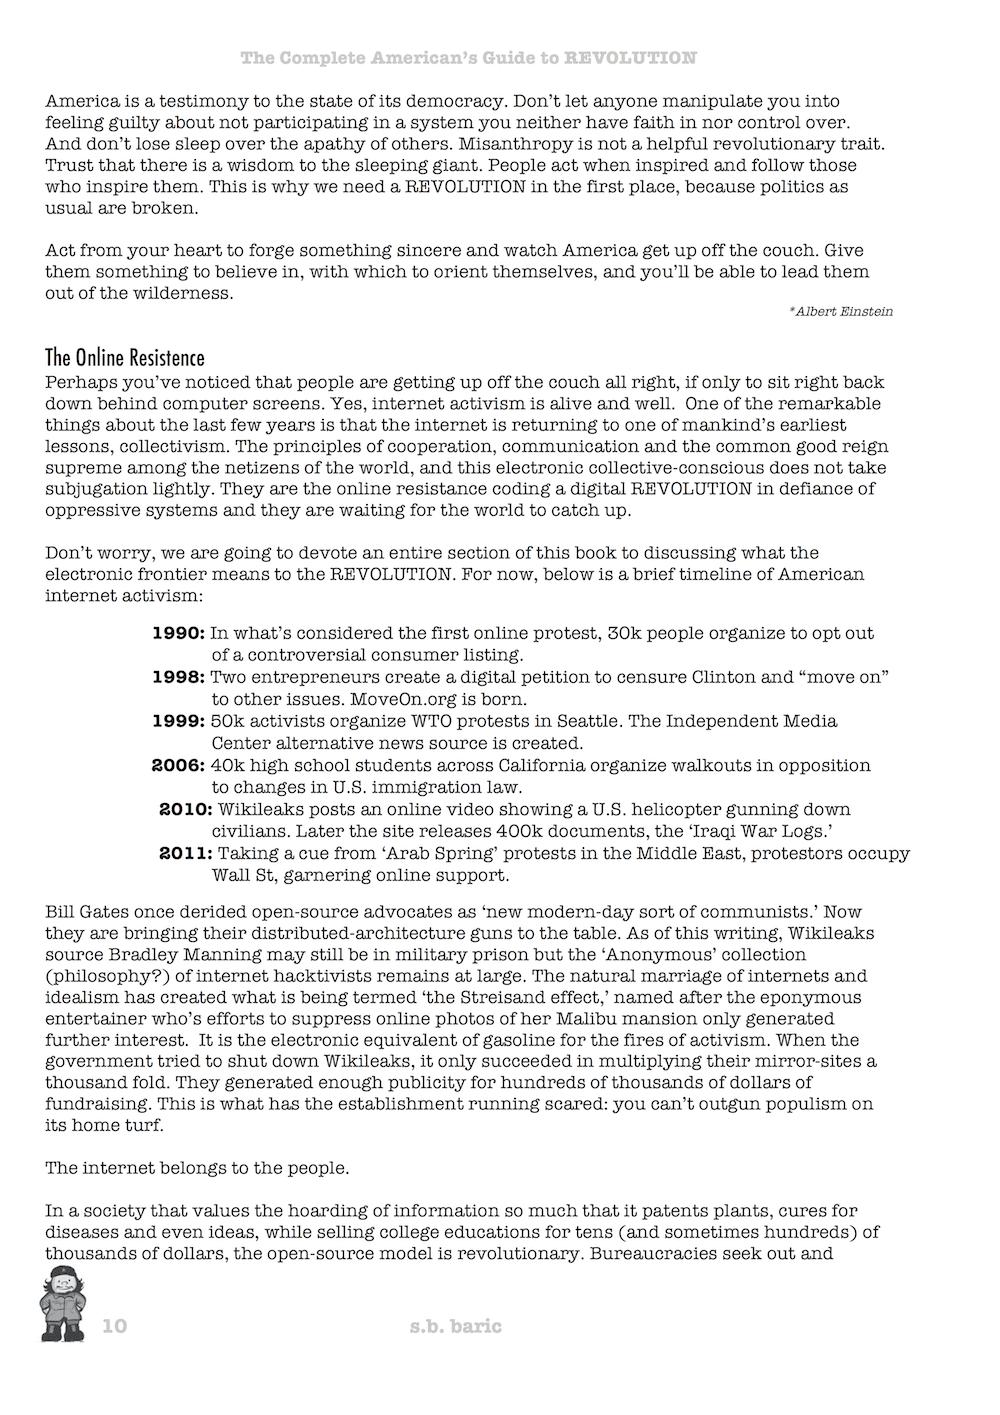 CAGR Ch 1 pg 11